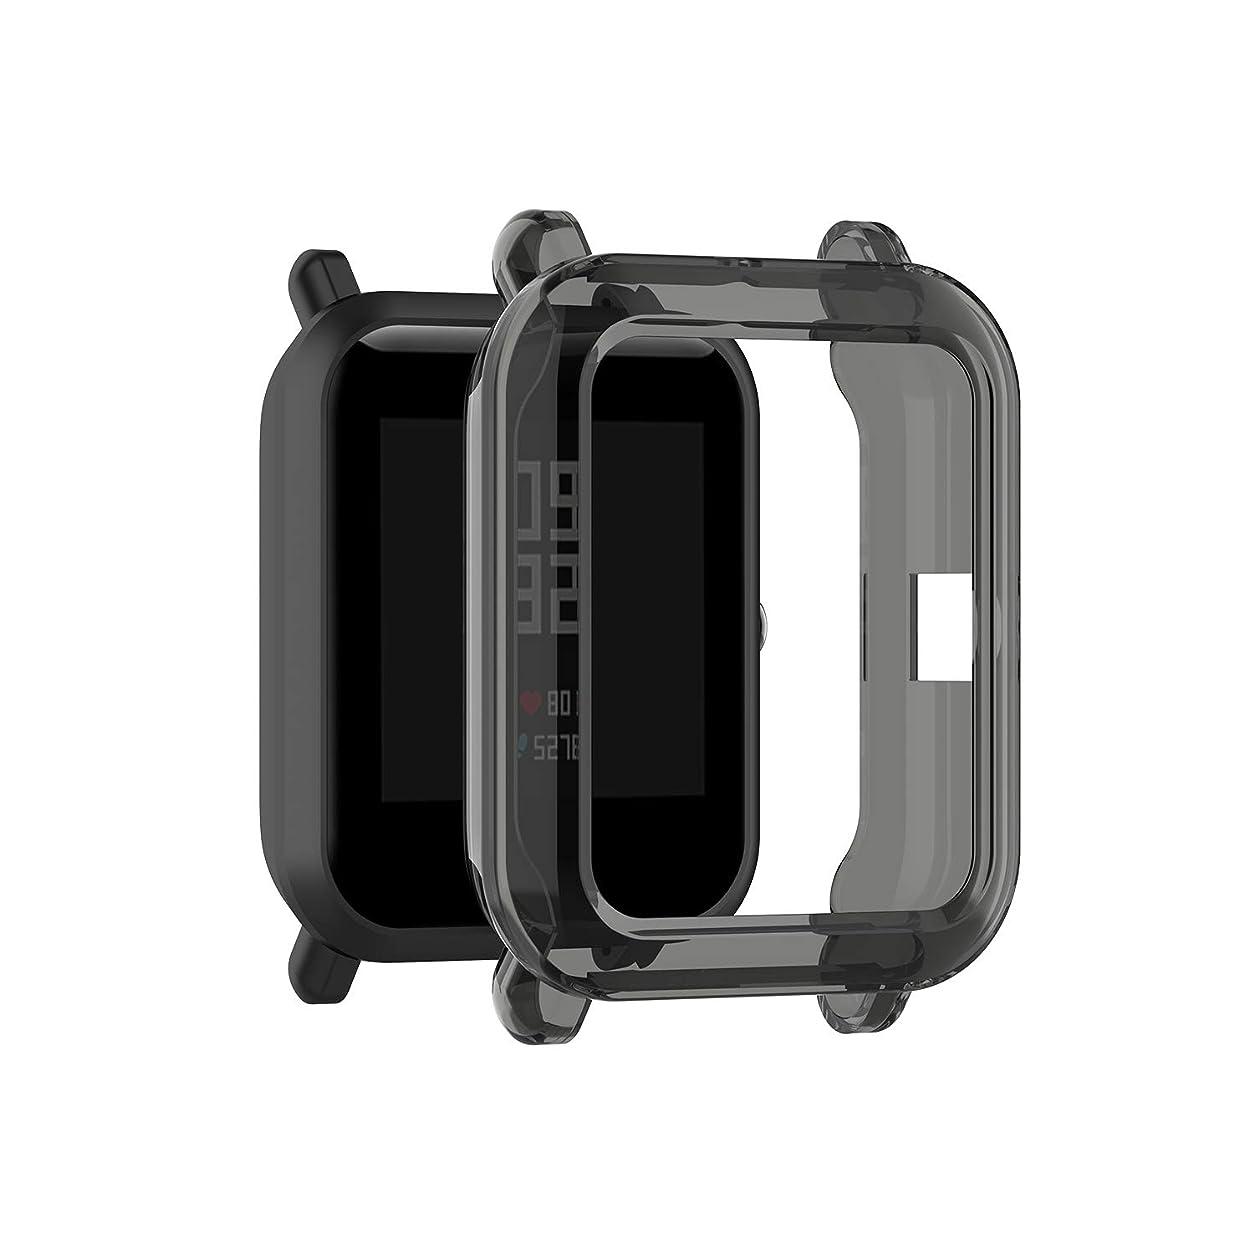 昼間減衰アートXIIHAMA For Amazfit bip/bip lite 通用保護ケース スマートウォッチ 保護カバー TPU材質 柔らかい 防水 プロテクタケース (透明黒)